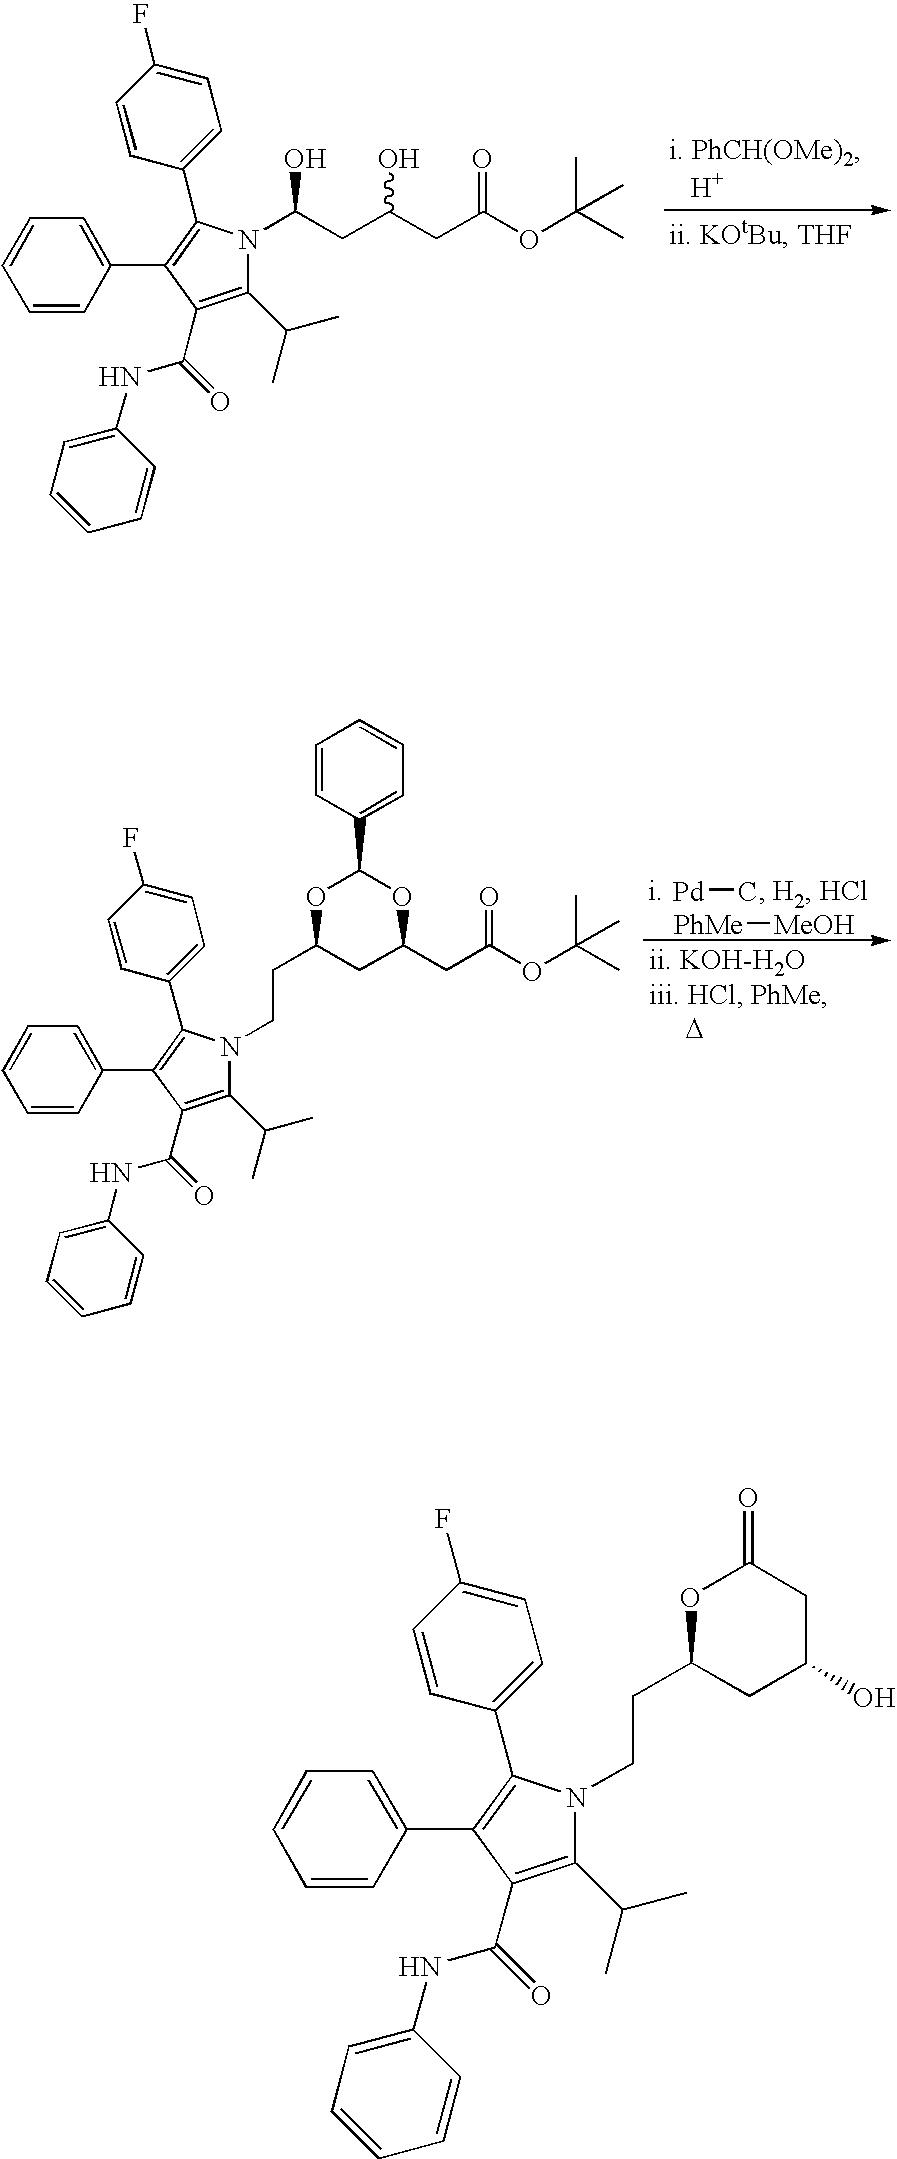 Figure US20070032662A1-20070208-C00067